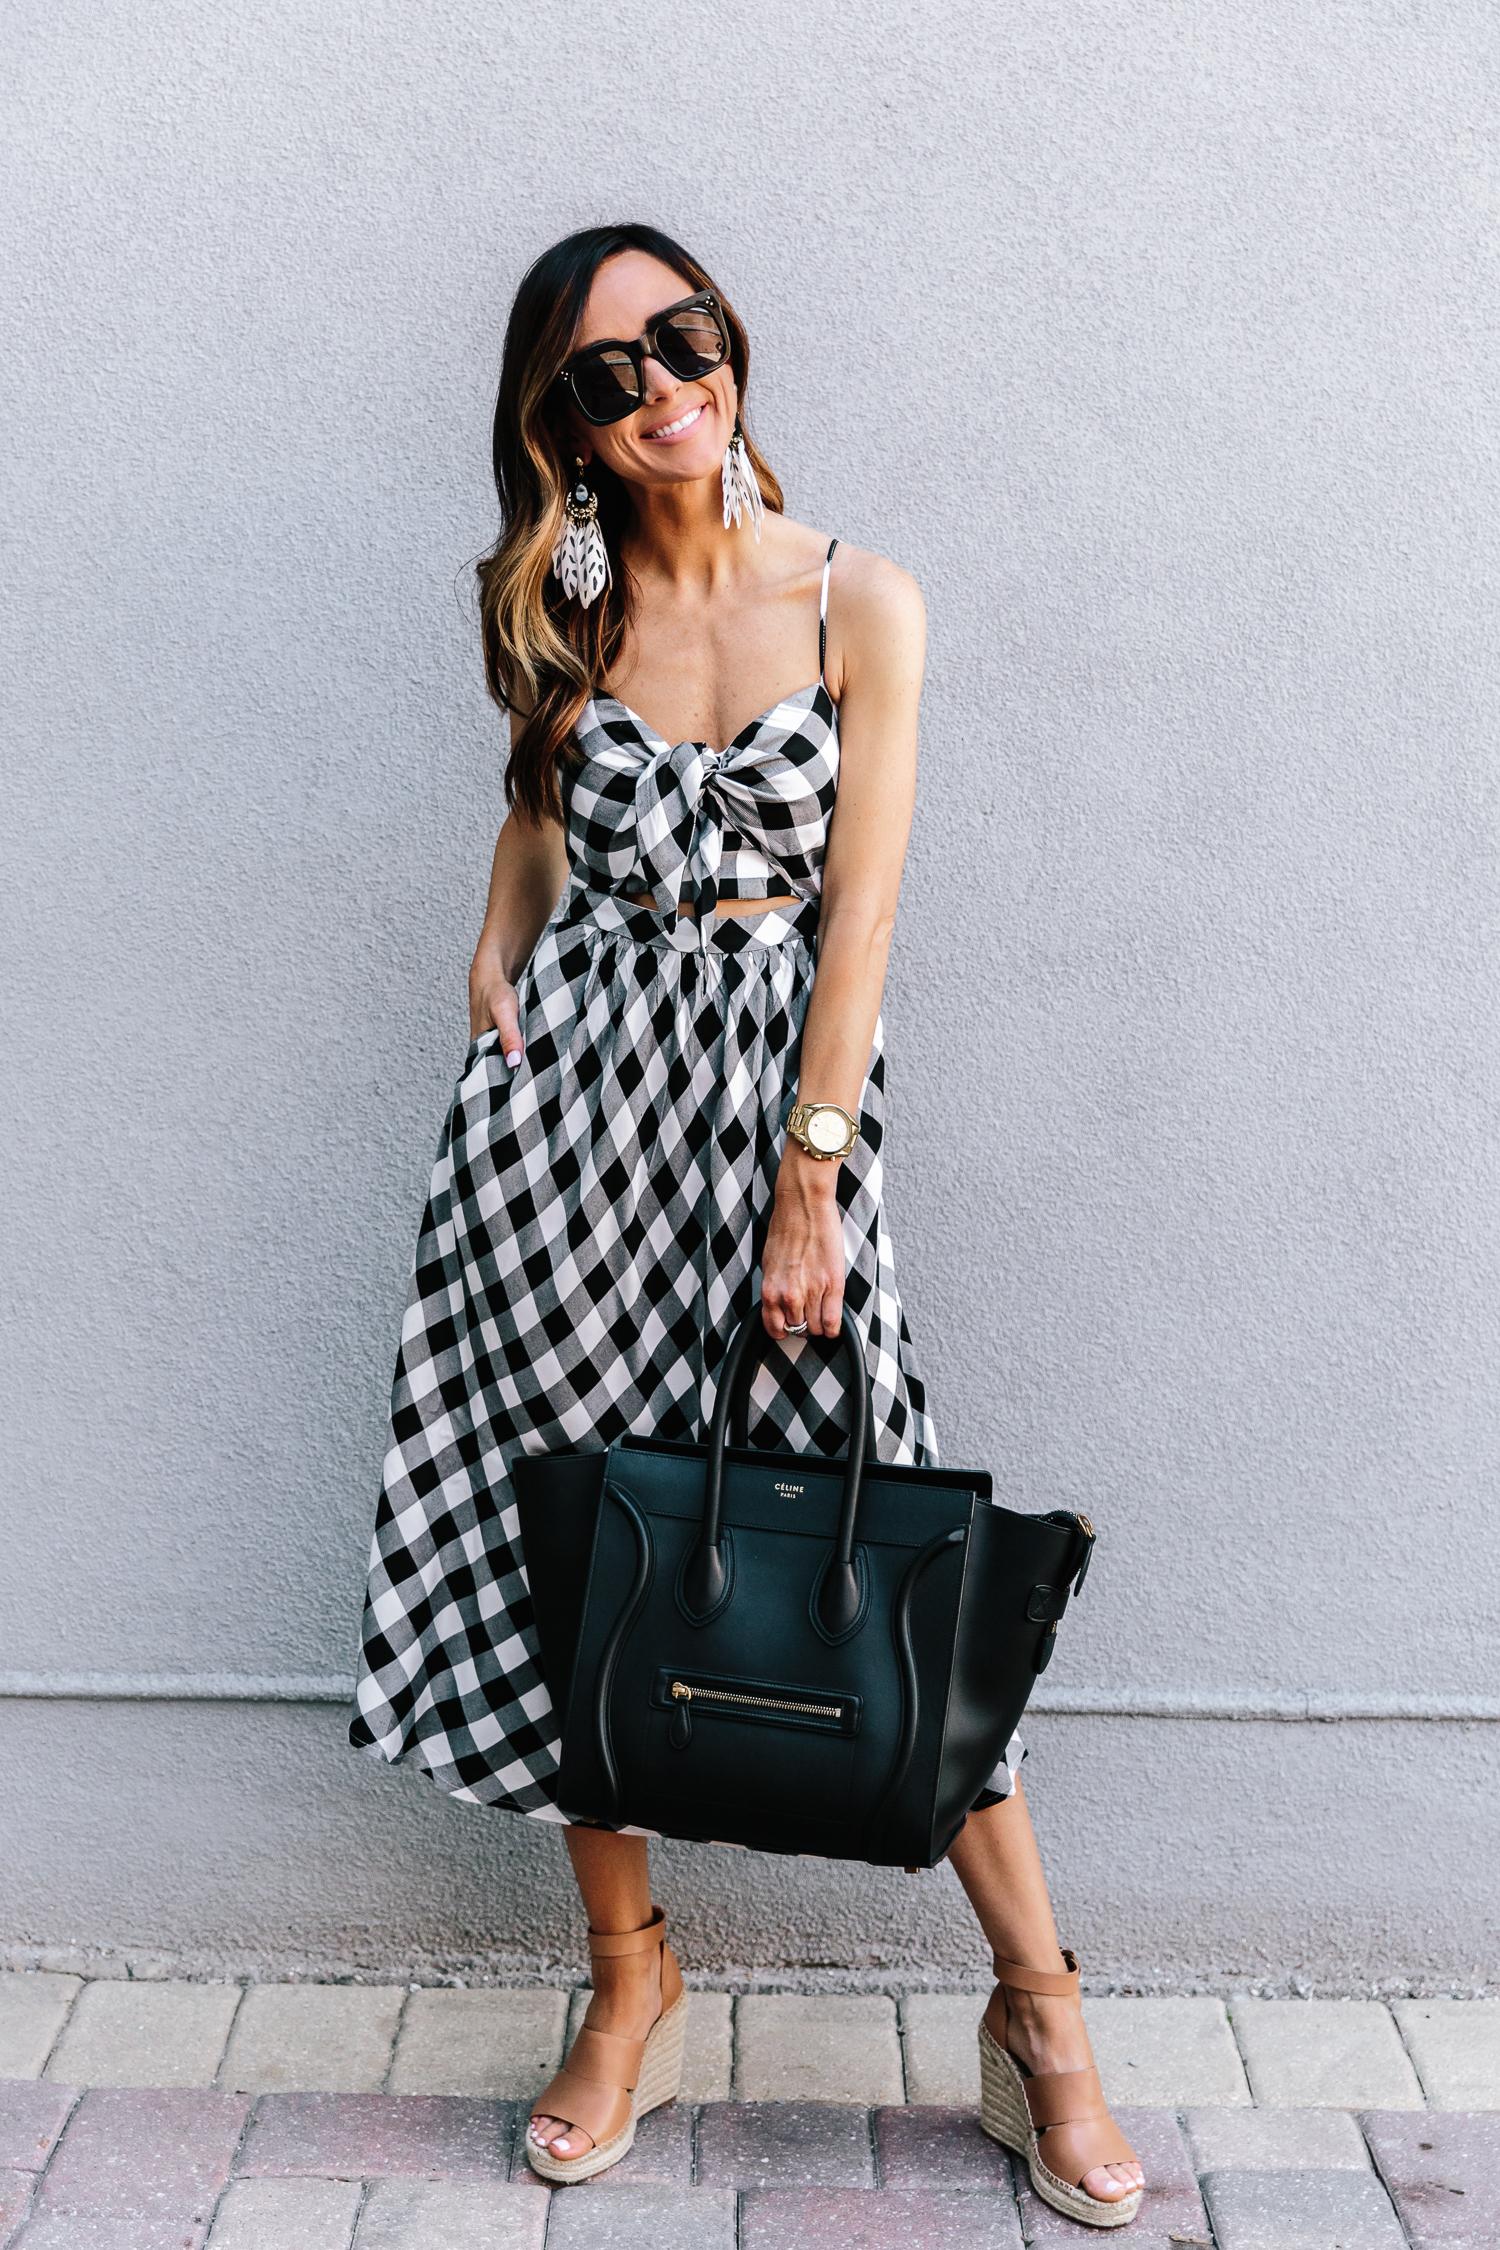 gingham, nordstrom, spring trends, celine handbag, spring dresses